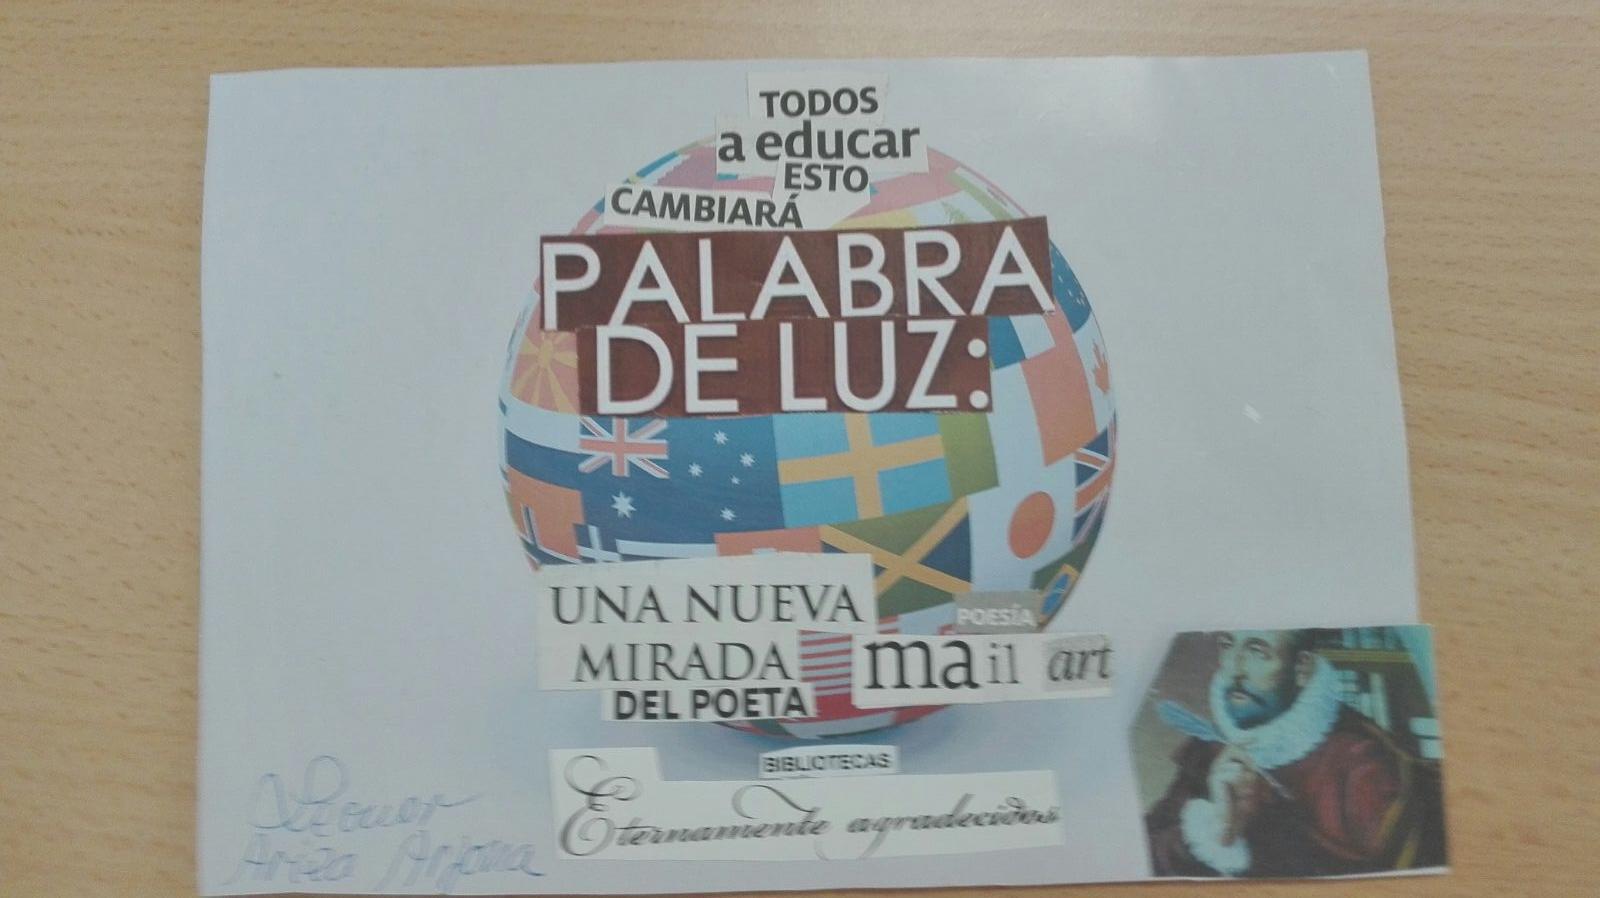 Trabajo realizado para una Convocatoria de Mail Art y las Jornadas de Biblioteca en el CEP Luisa Revuelta (Córdoba)